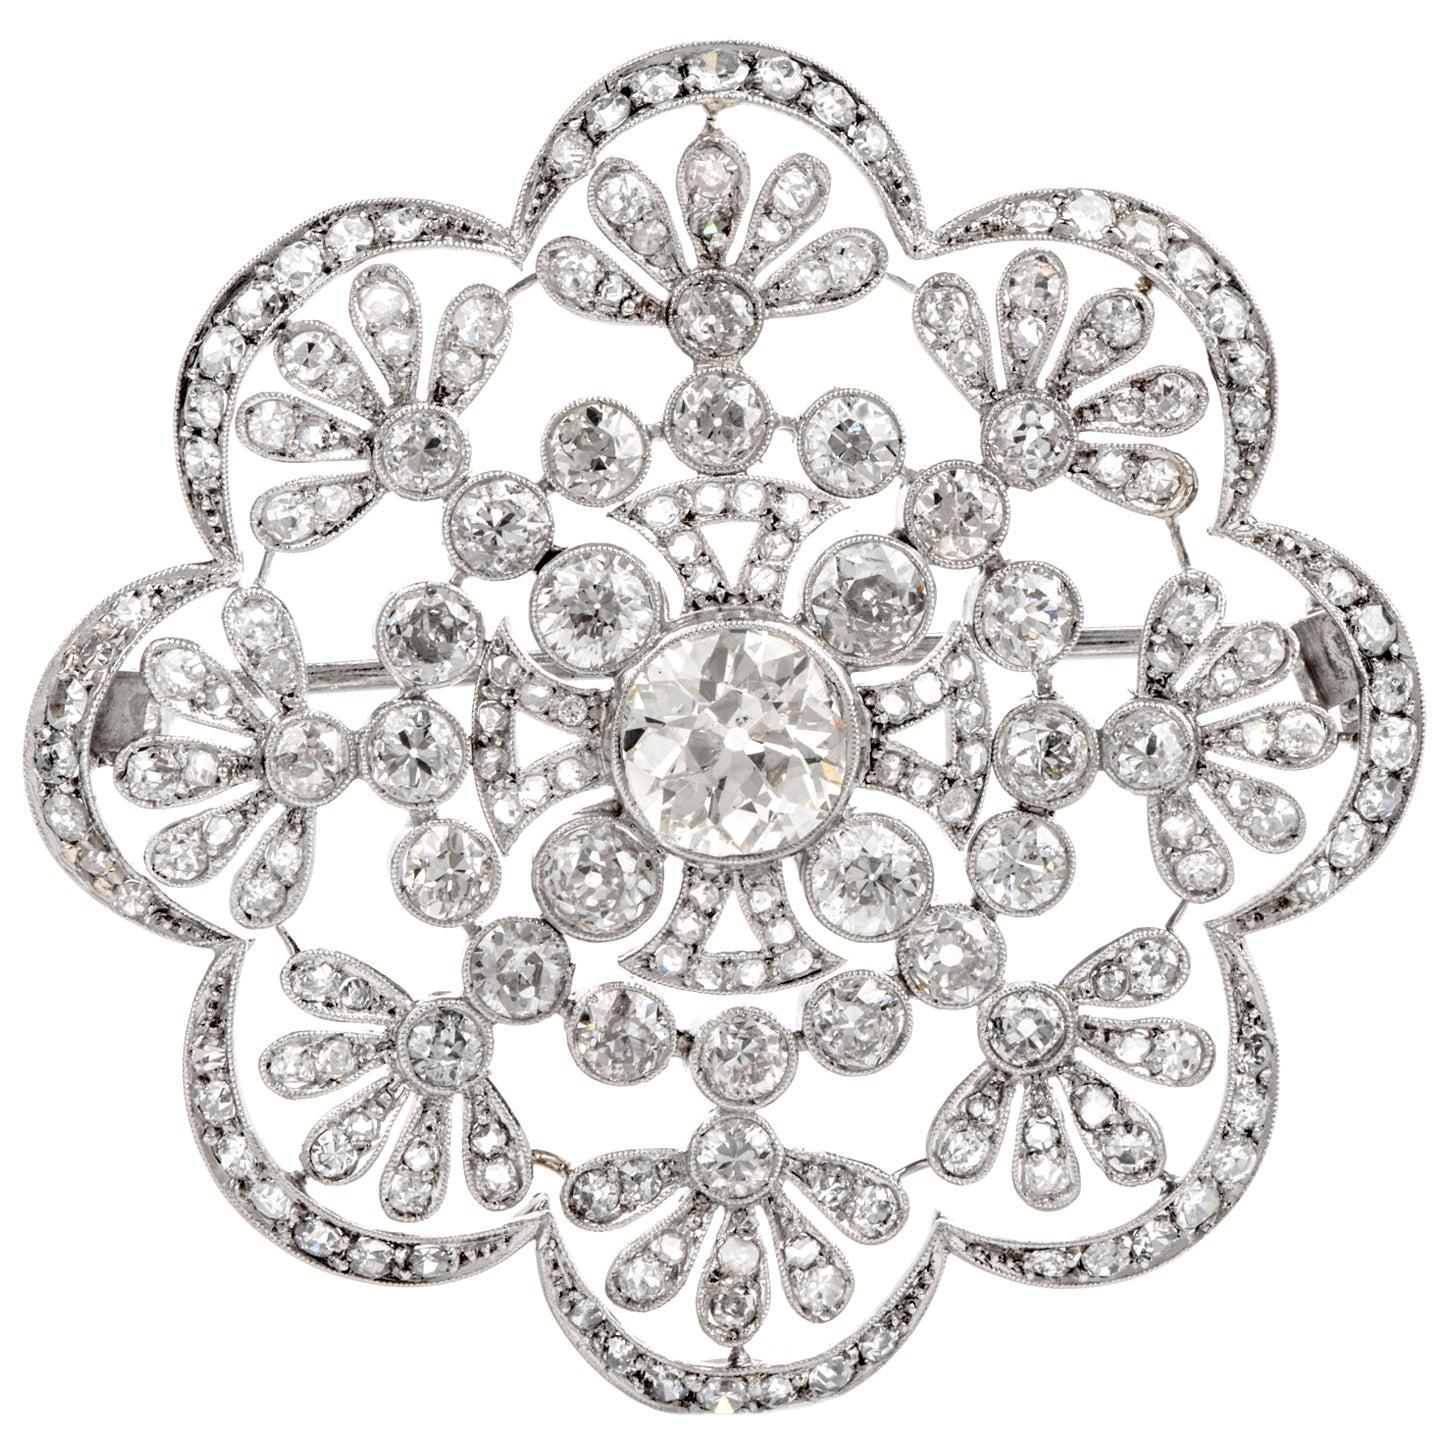 1920s Antique Old European Diamond Flower Openwork Platinum Pin Brooch